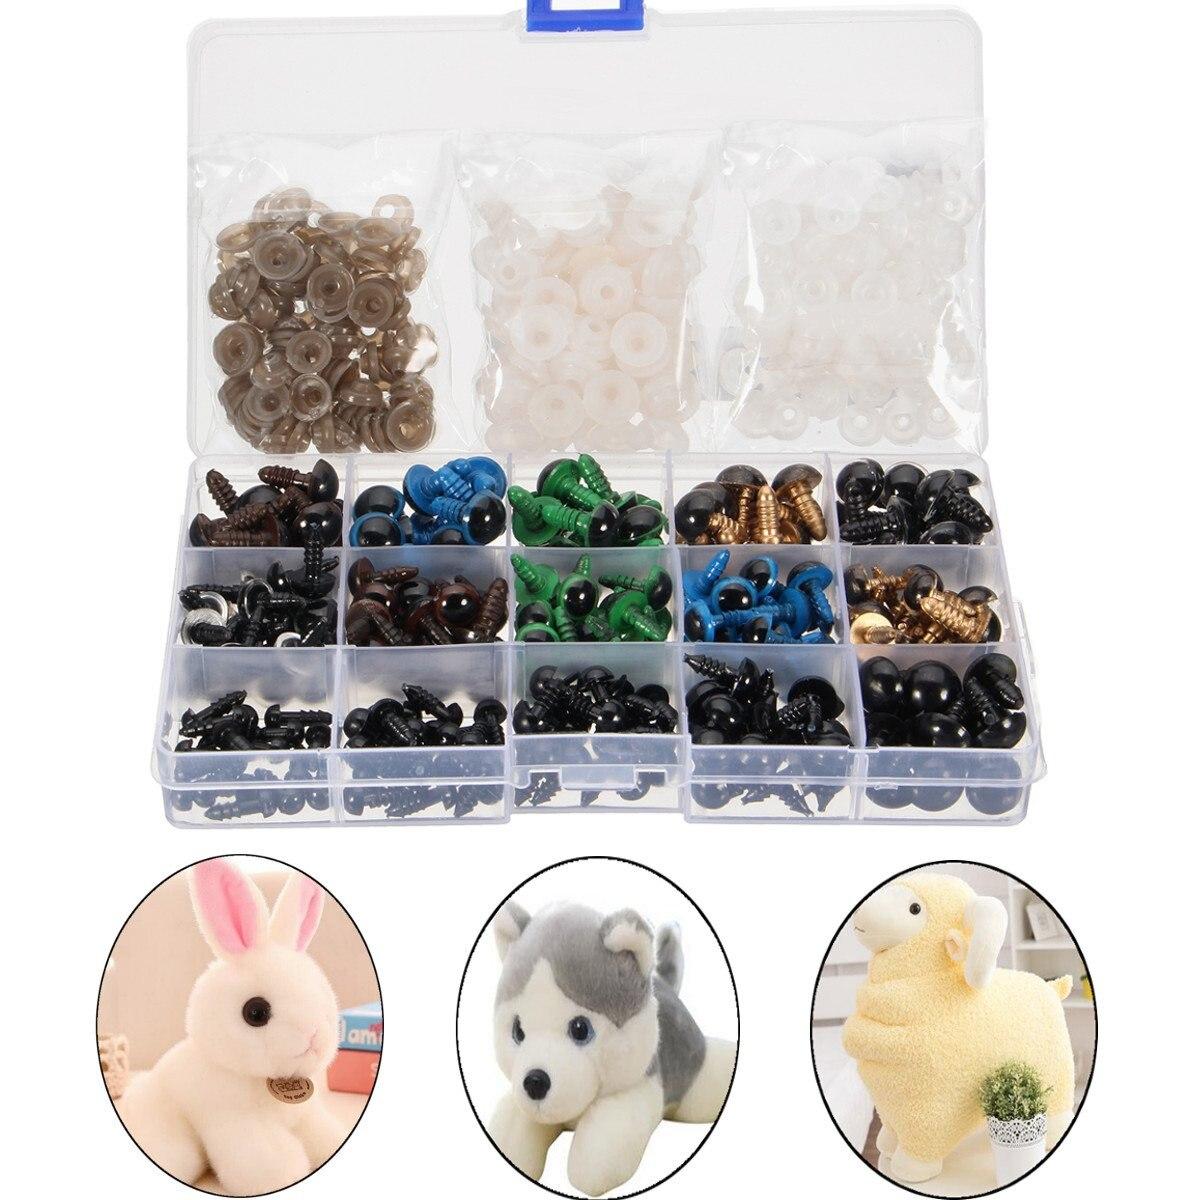 Новинка 264 шт. мм 6-12 мм черные цветные нитки глаза для плюшевого медведя кукла валяние животные игрушка Googly глаза используются для куклы аксессуары